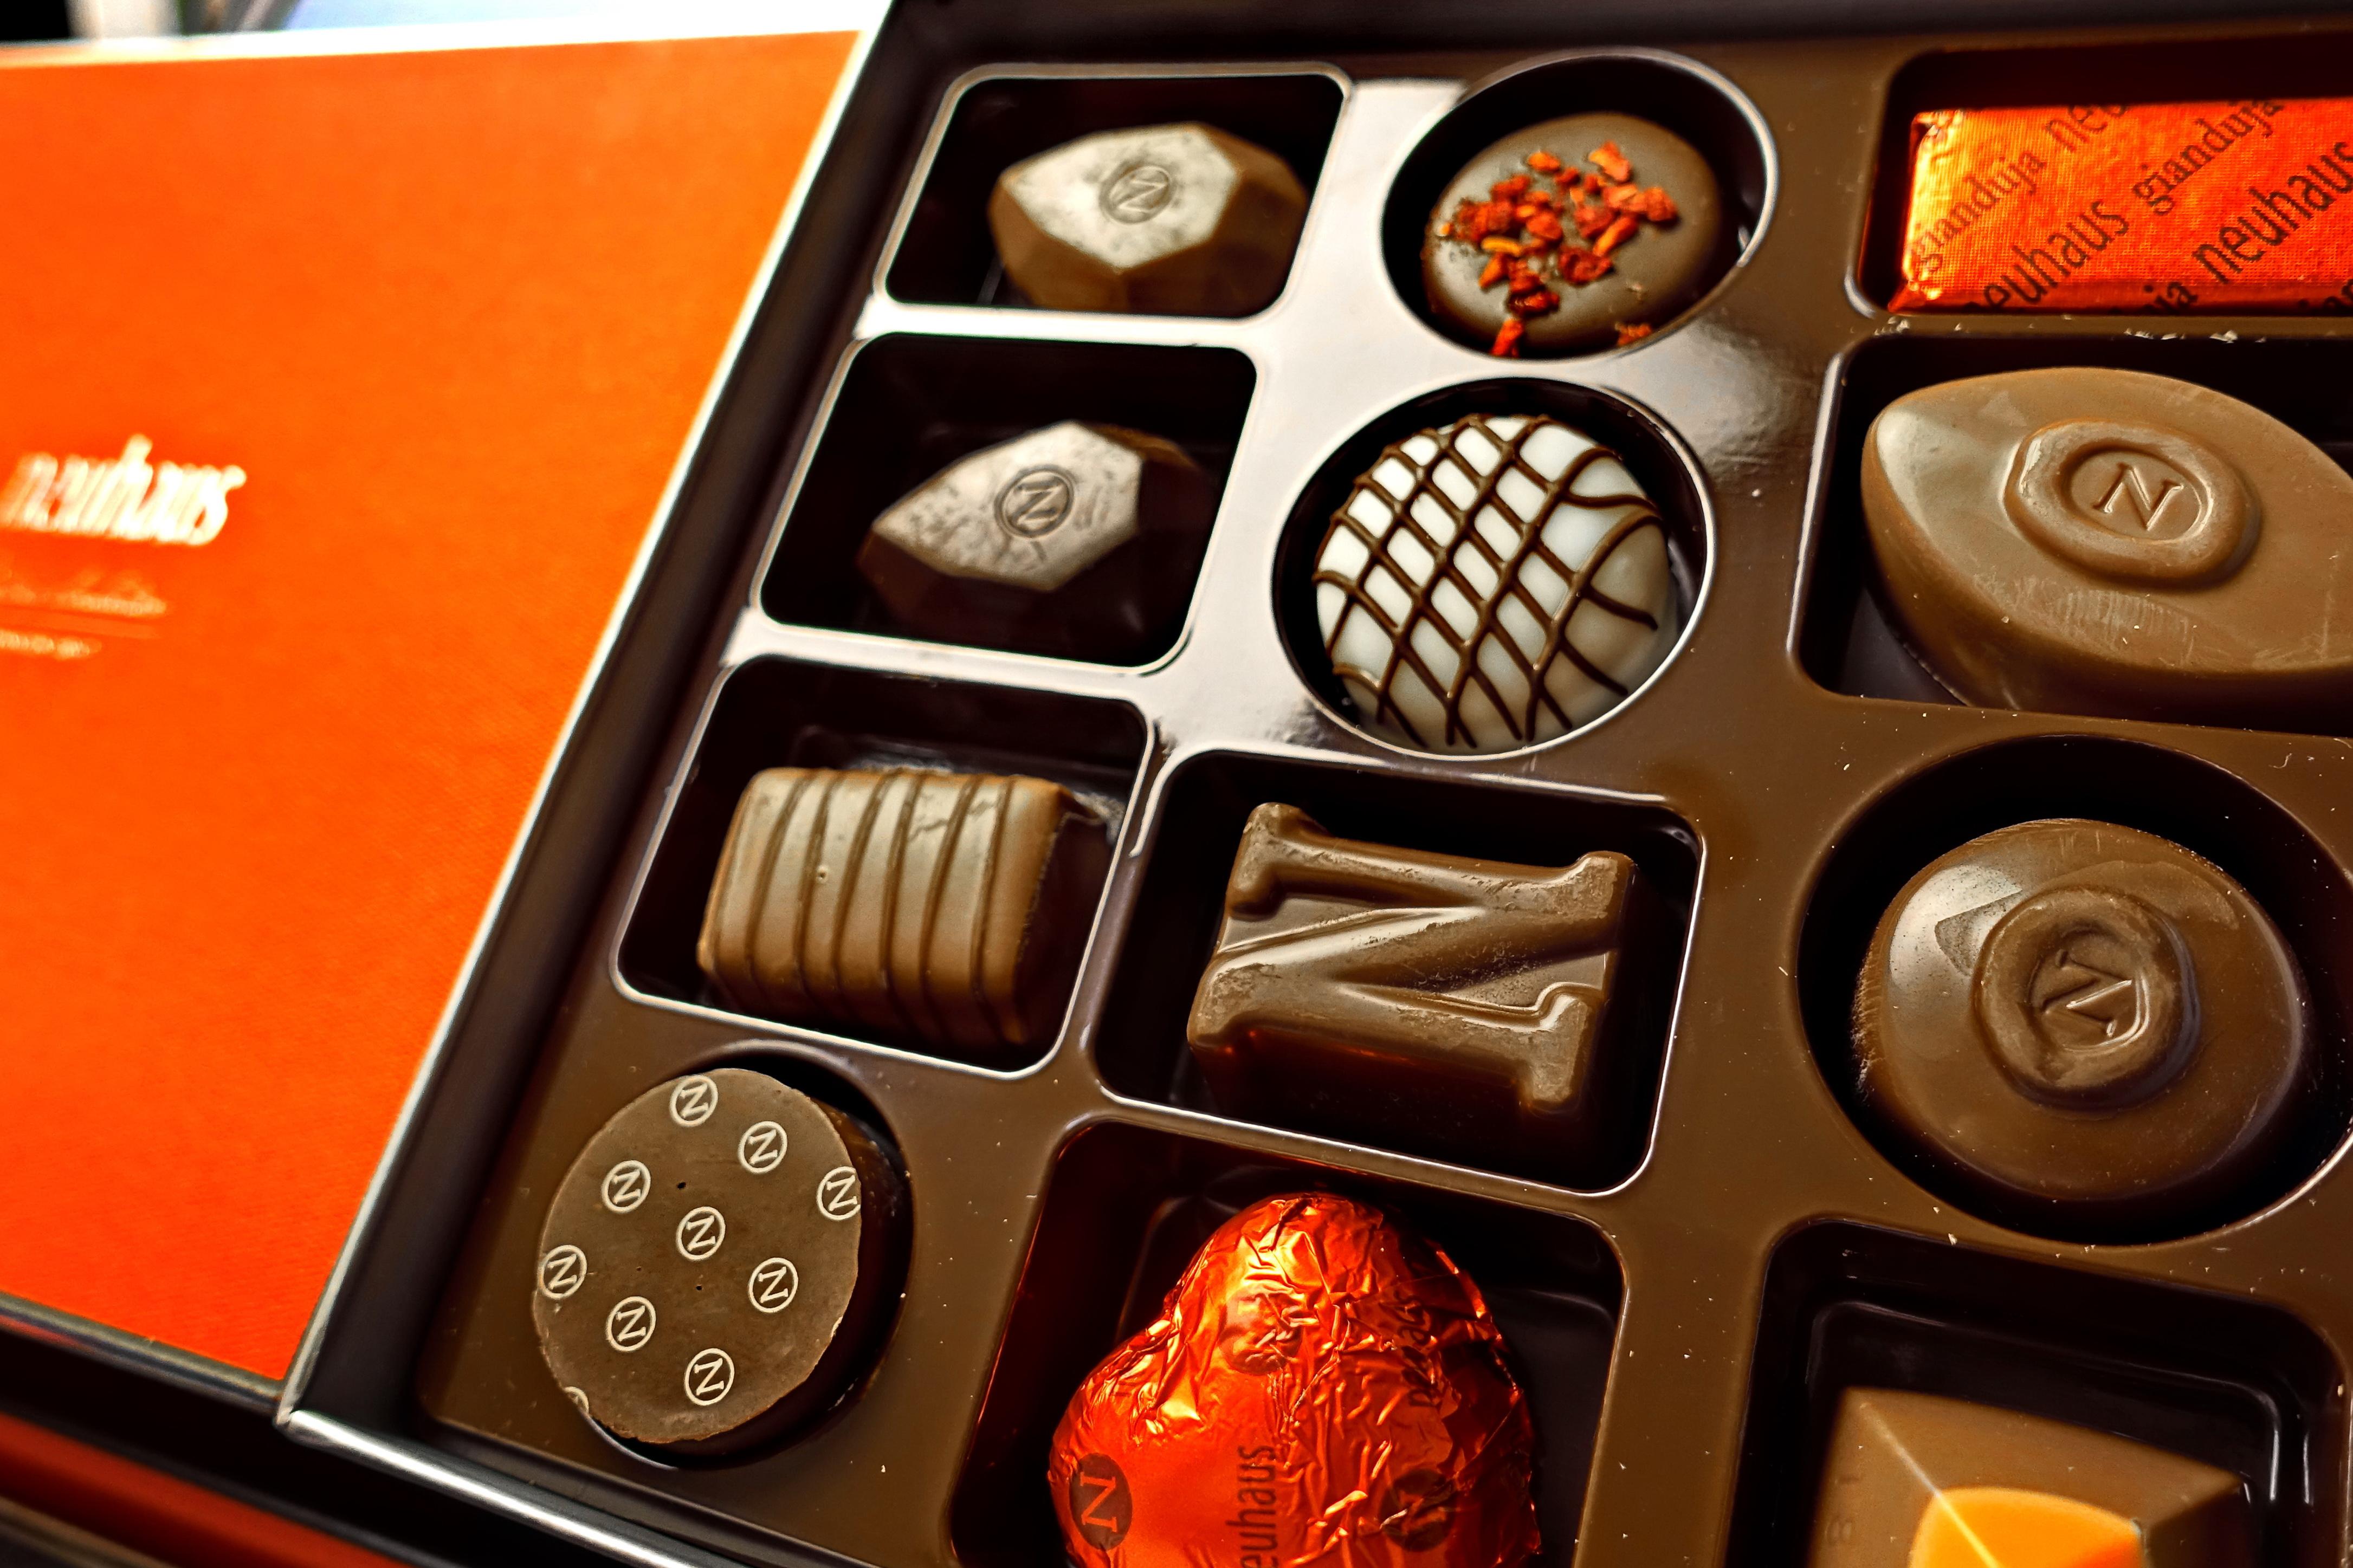 File:Neuhaus chocolates.jpg - Wikimedia Commons